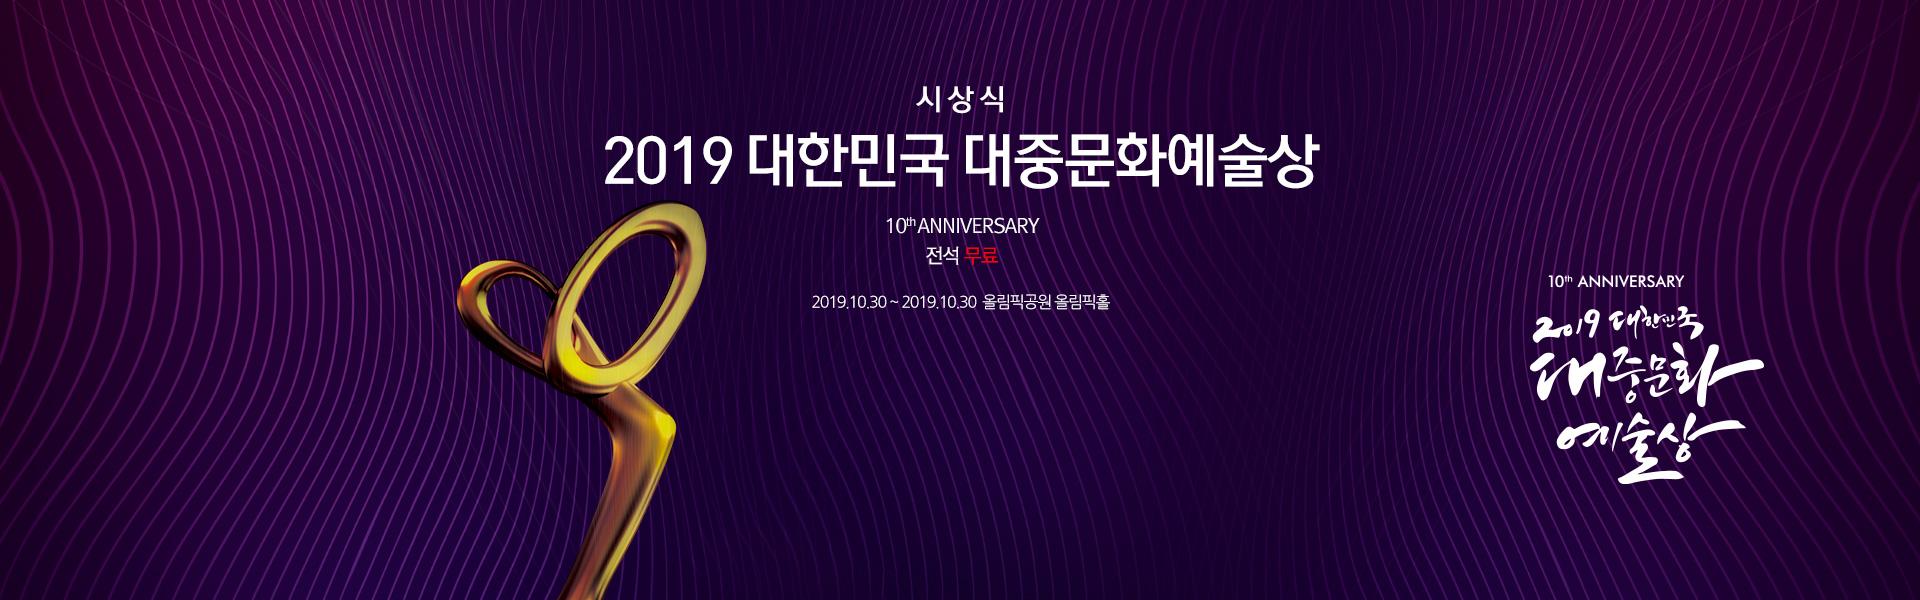 2019 대한민국 대중문화예술상 시상식